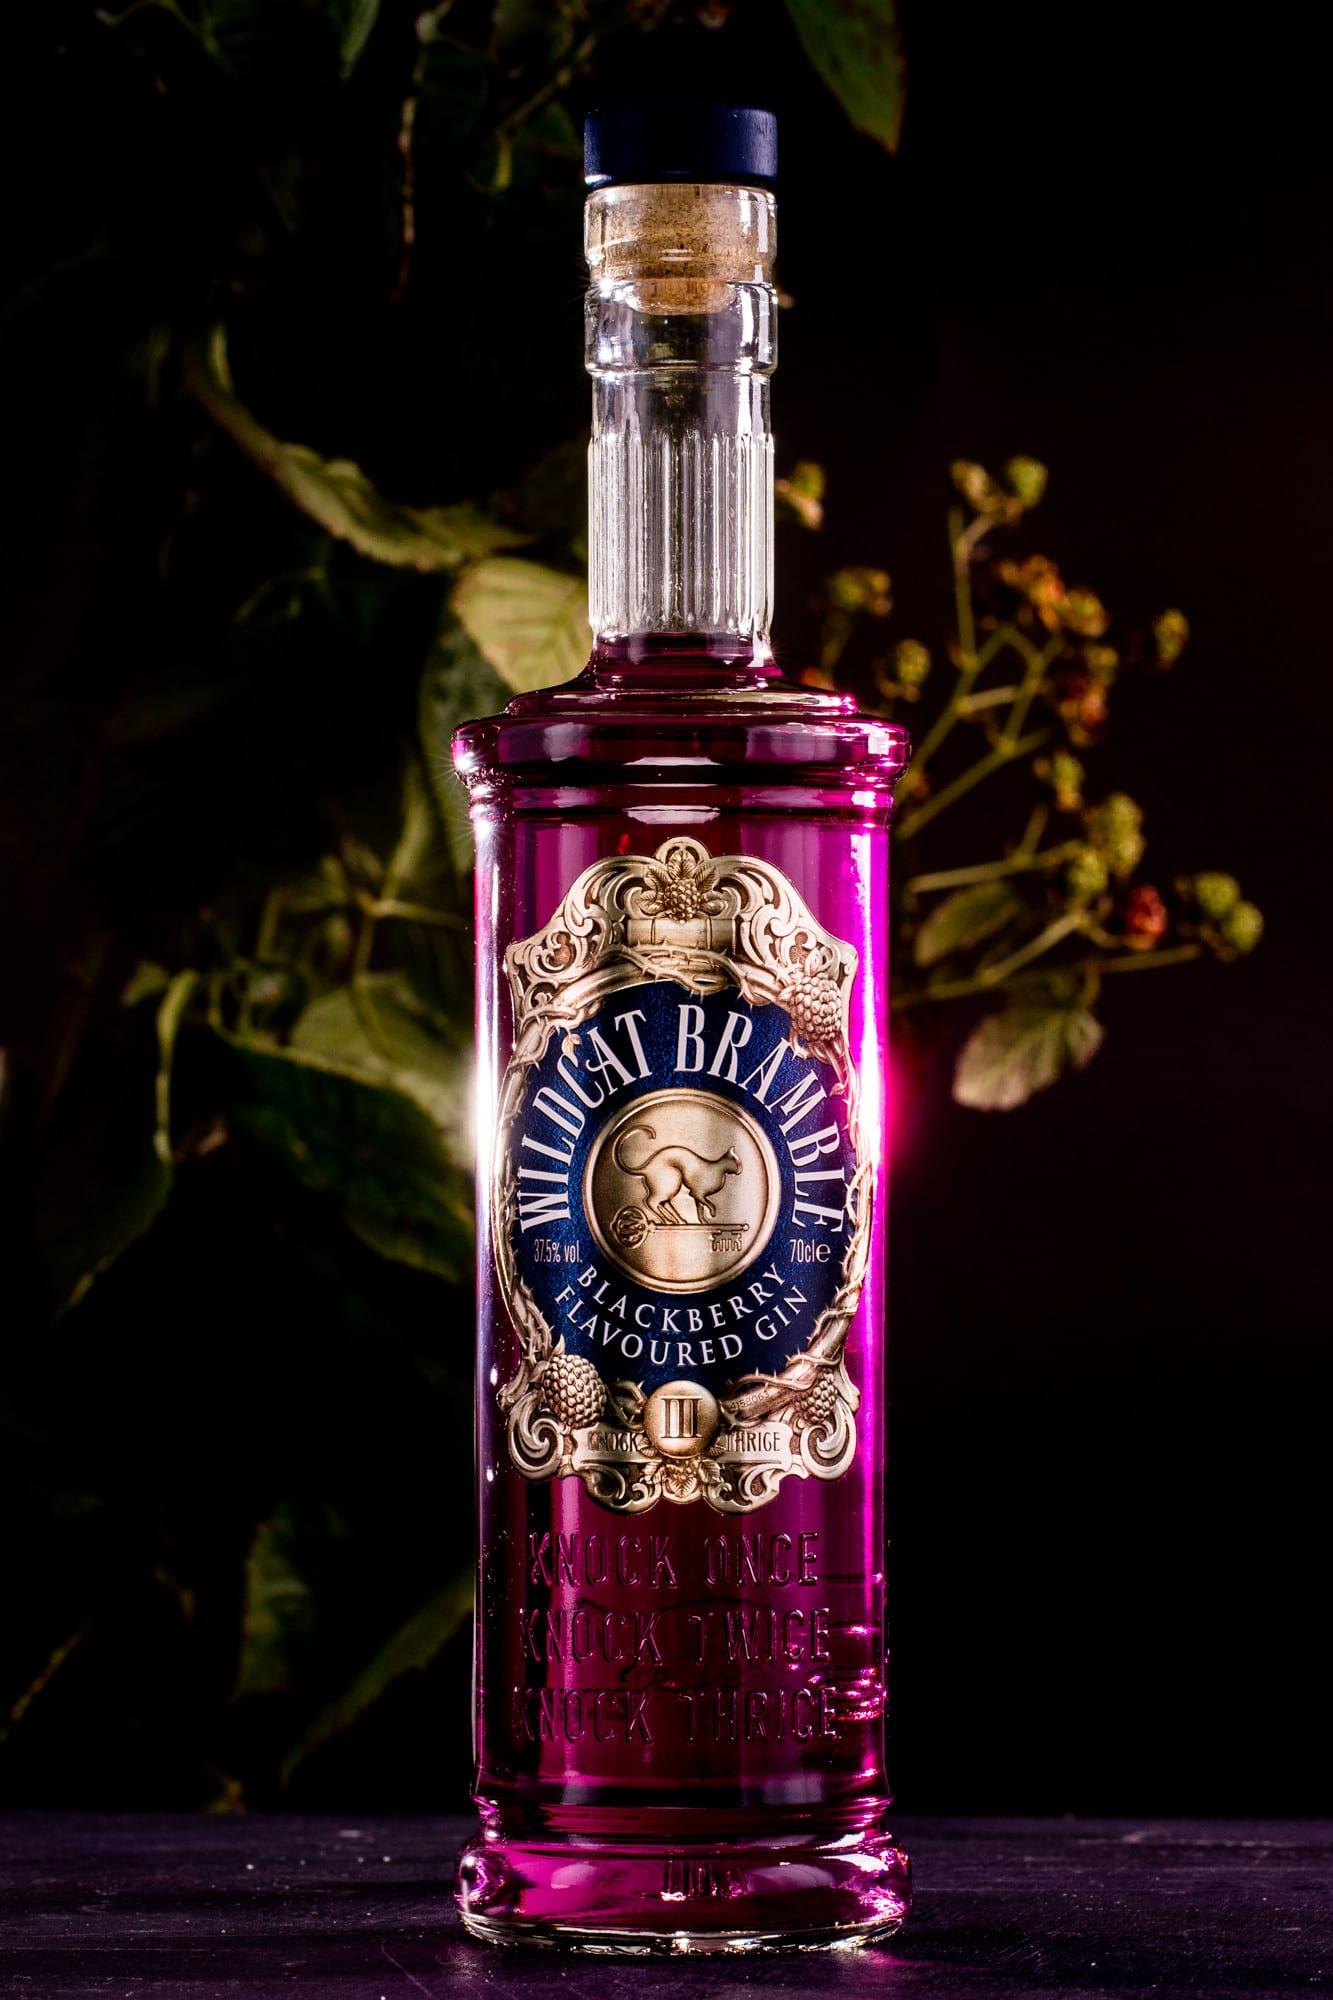 Wildcat Bramble Gin